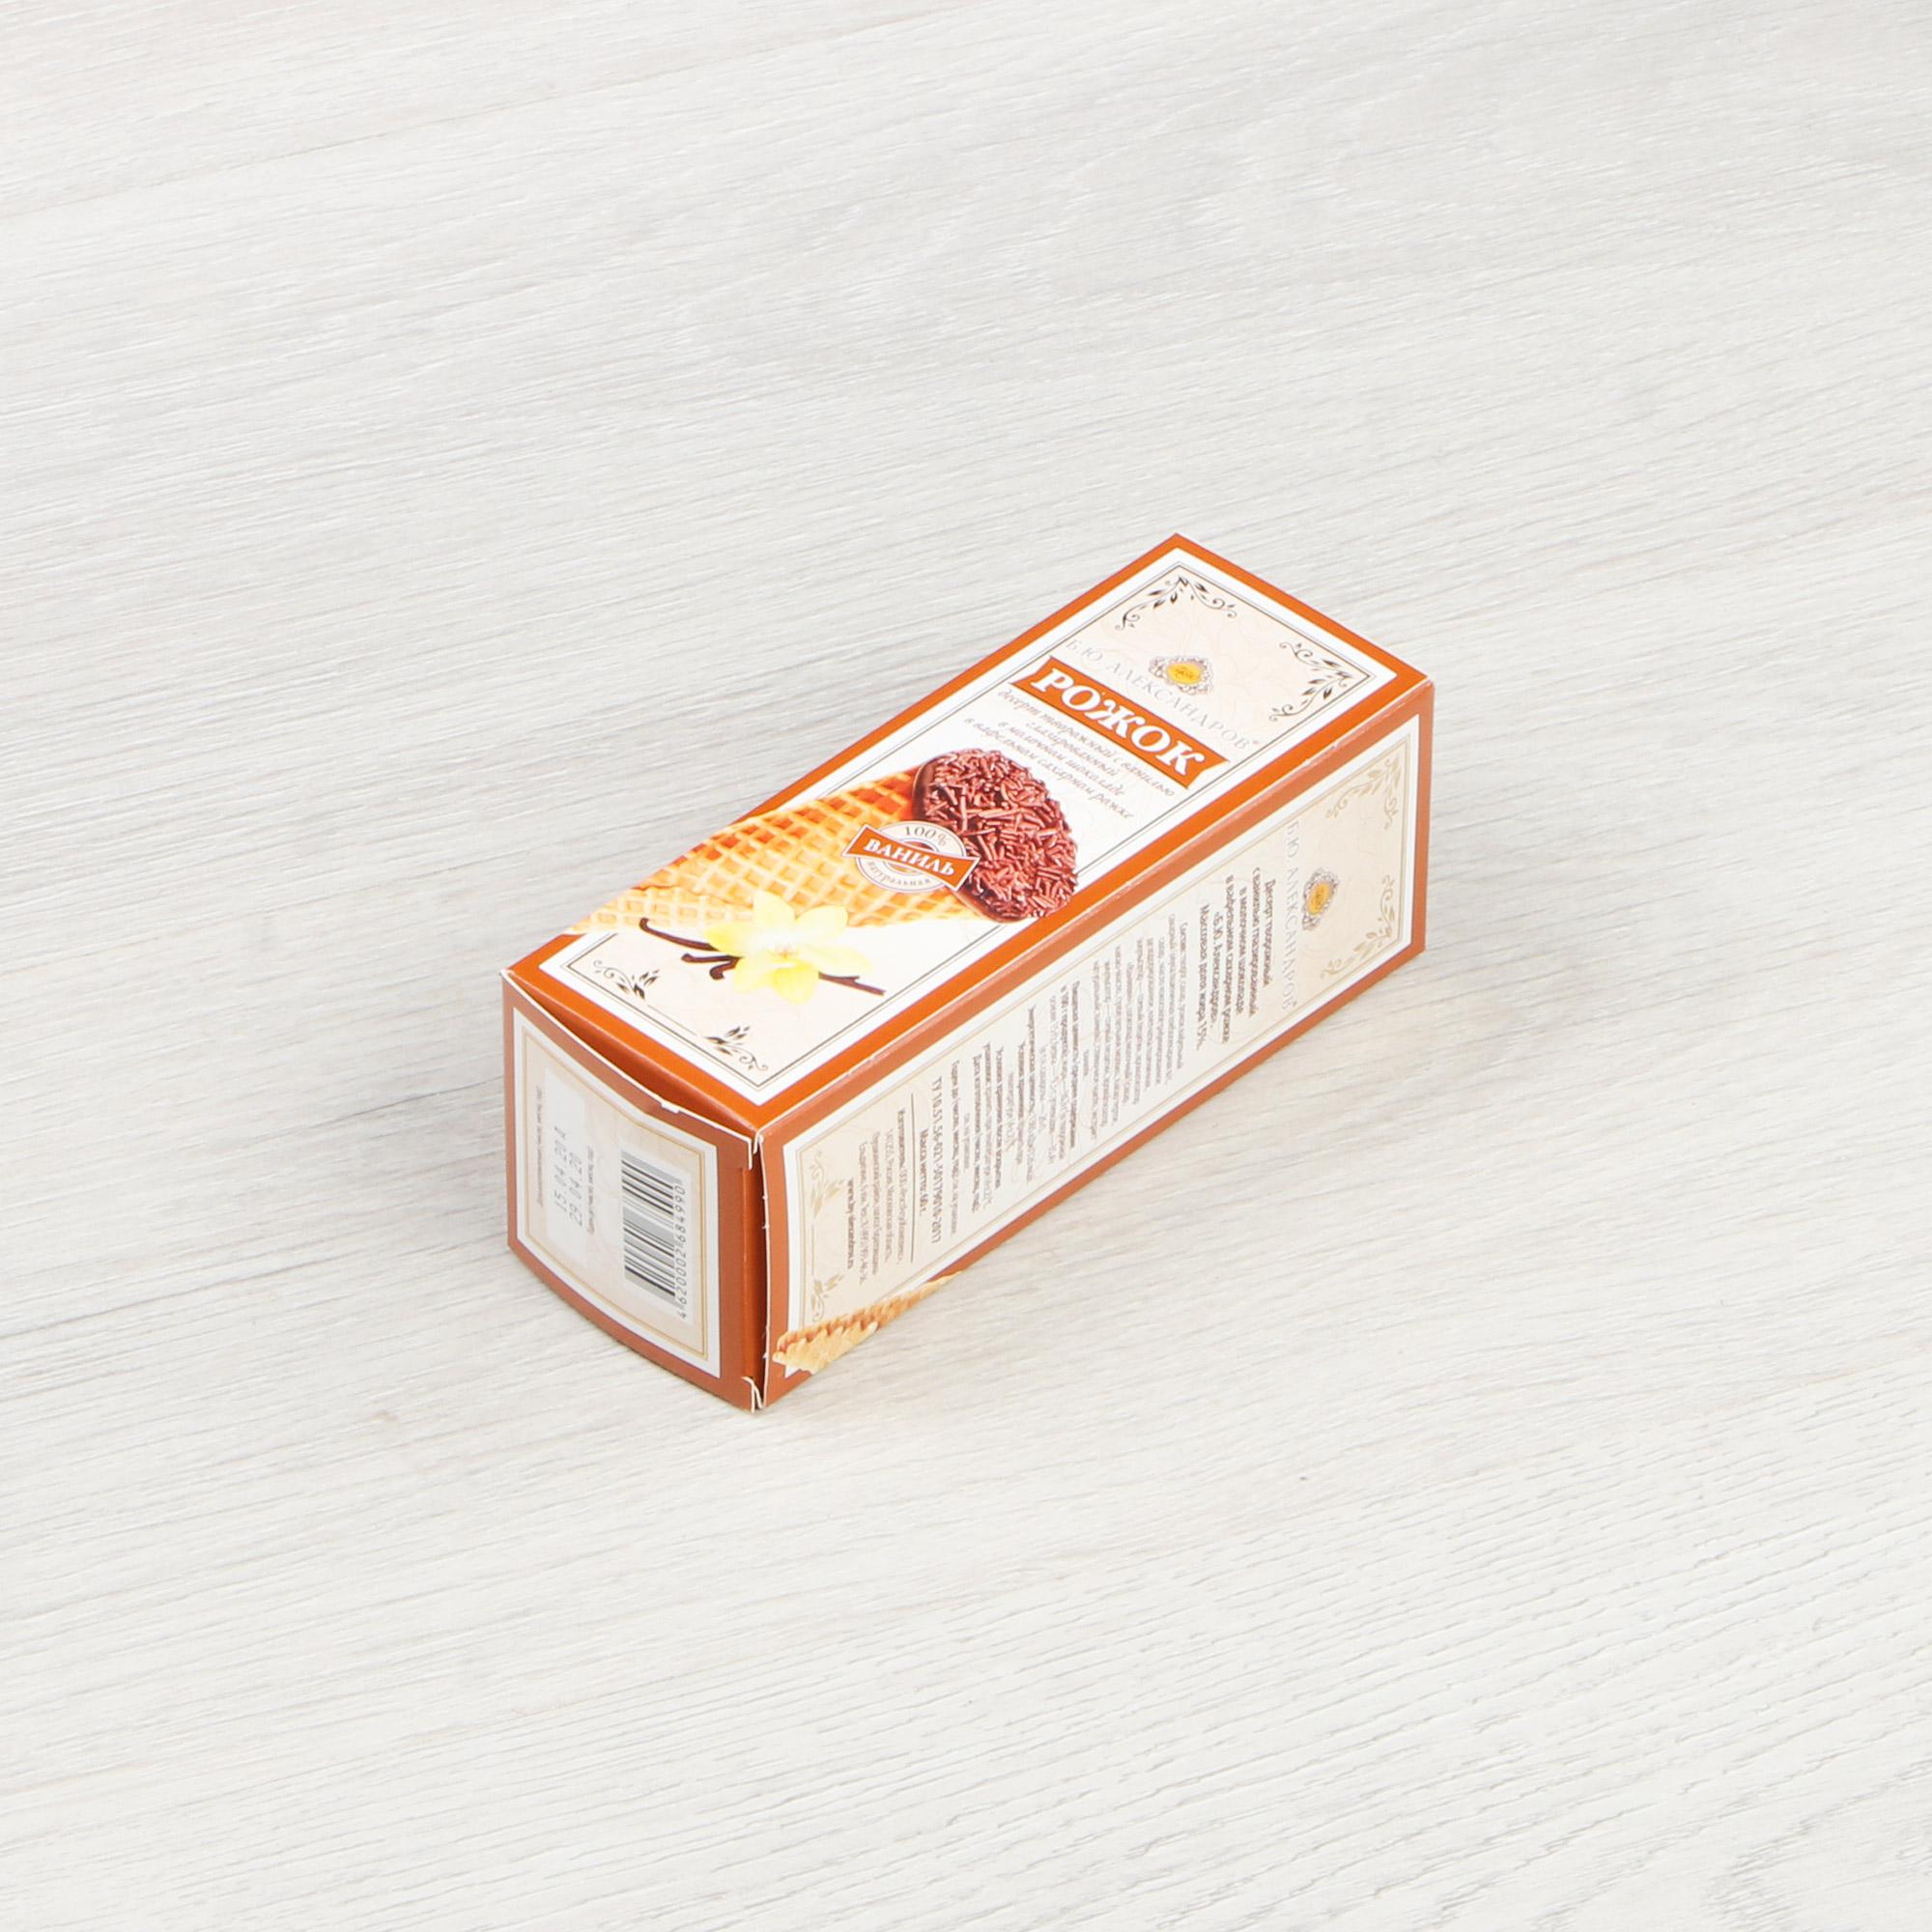 Десерт творожный Б.Ю. Александров с ванилью в молочном шоколаде 15% 60 г творожный десерт danone